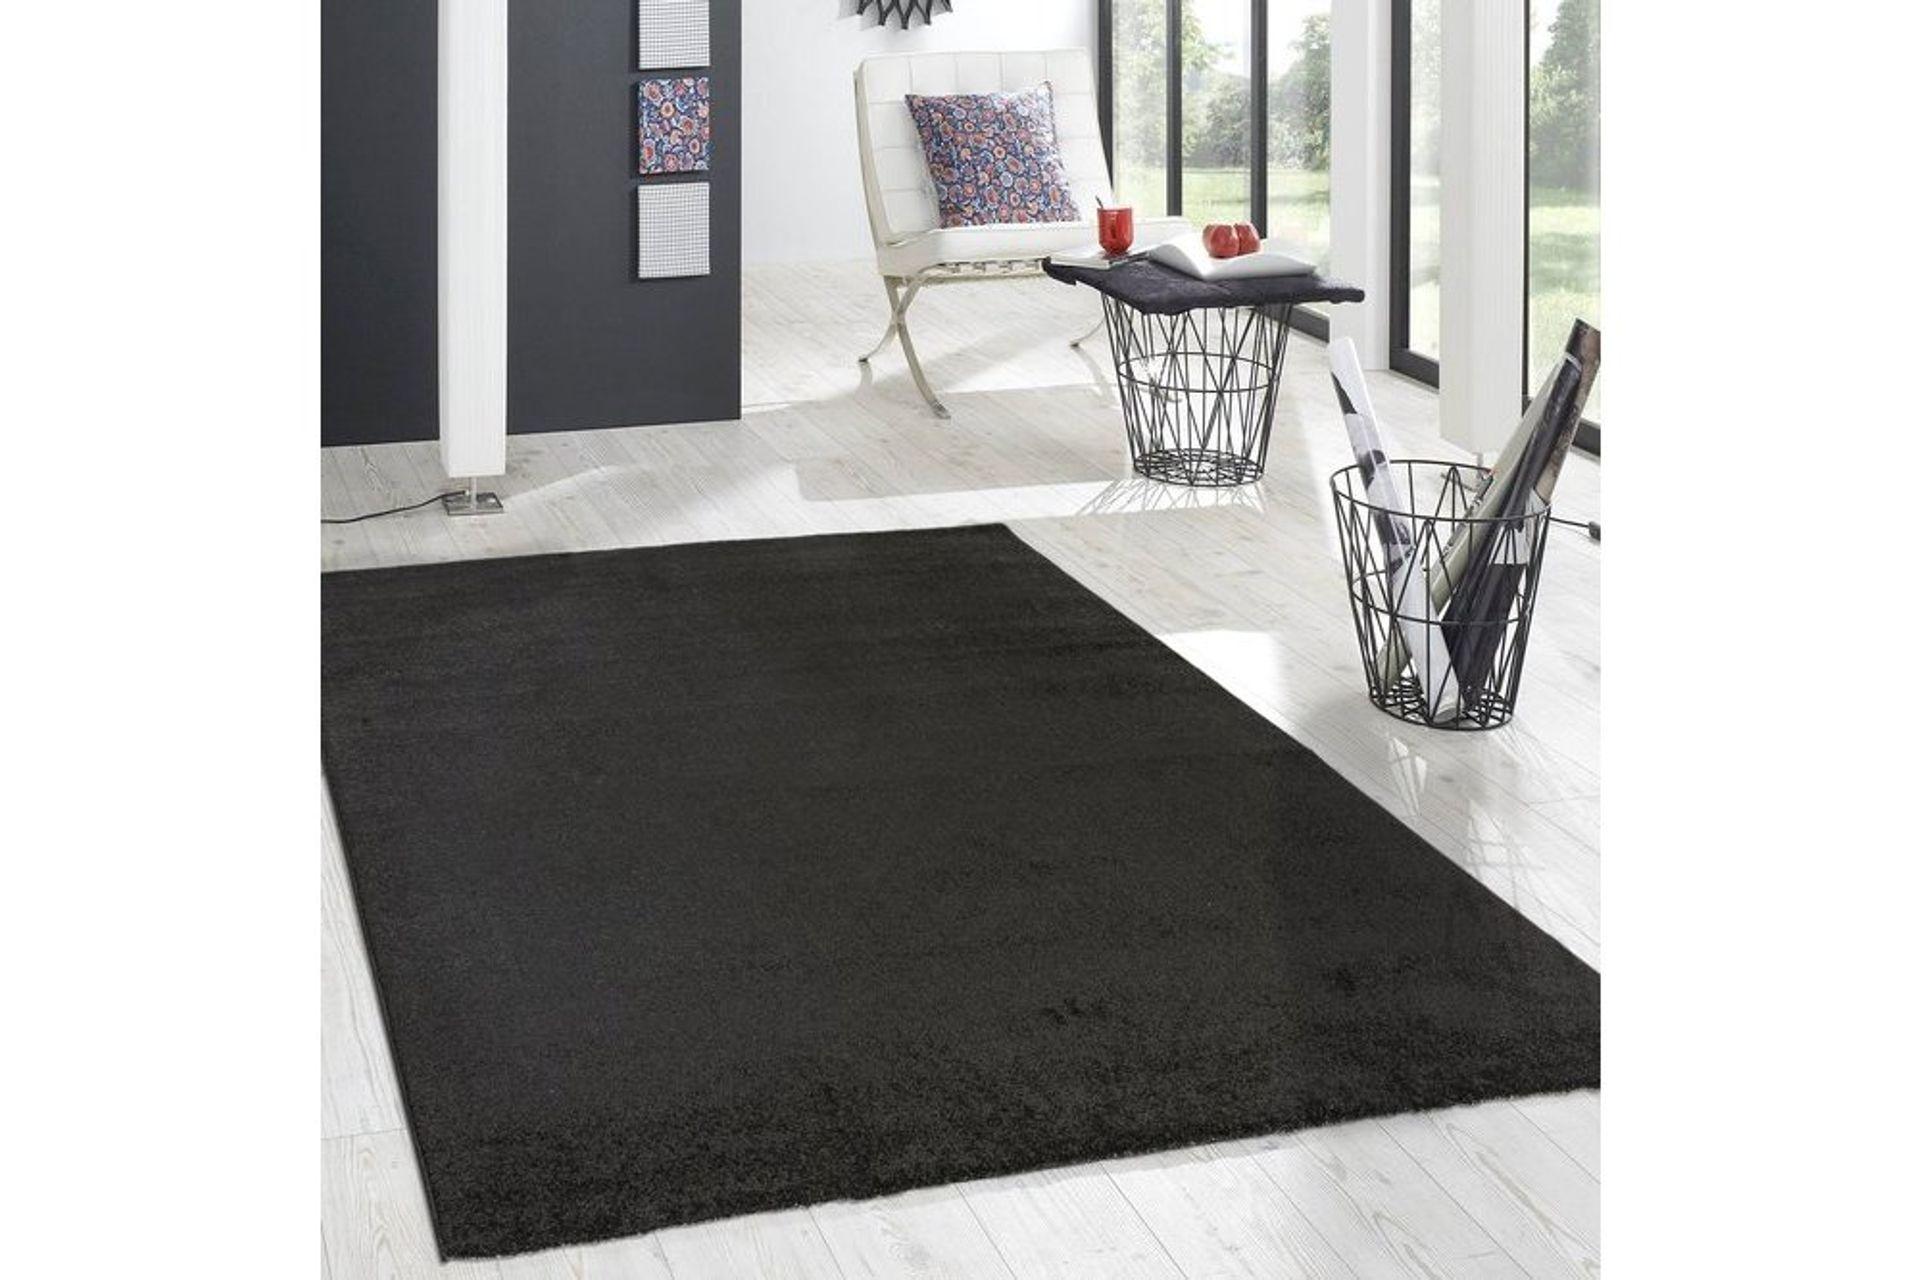 Essence Minimalist Woven Rug, 160 x 230, Black